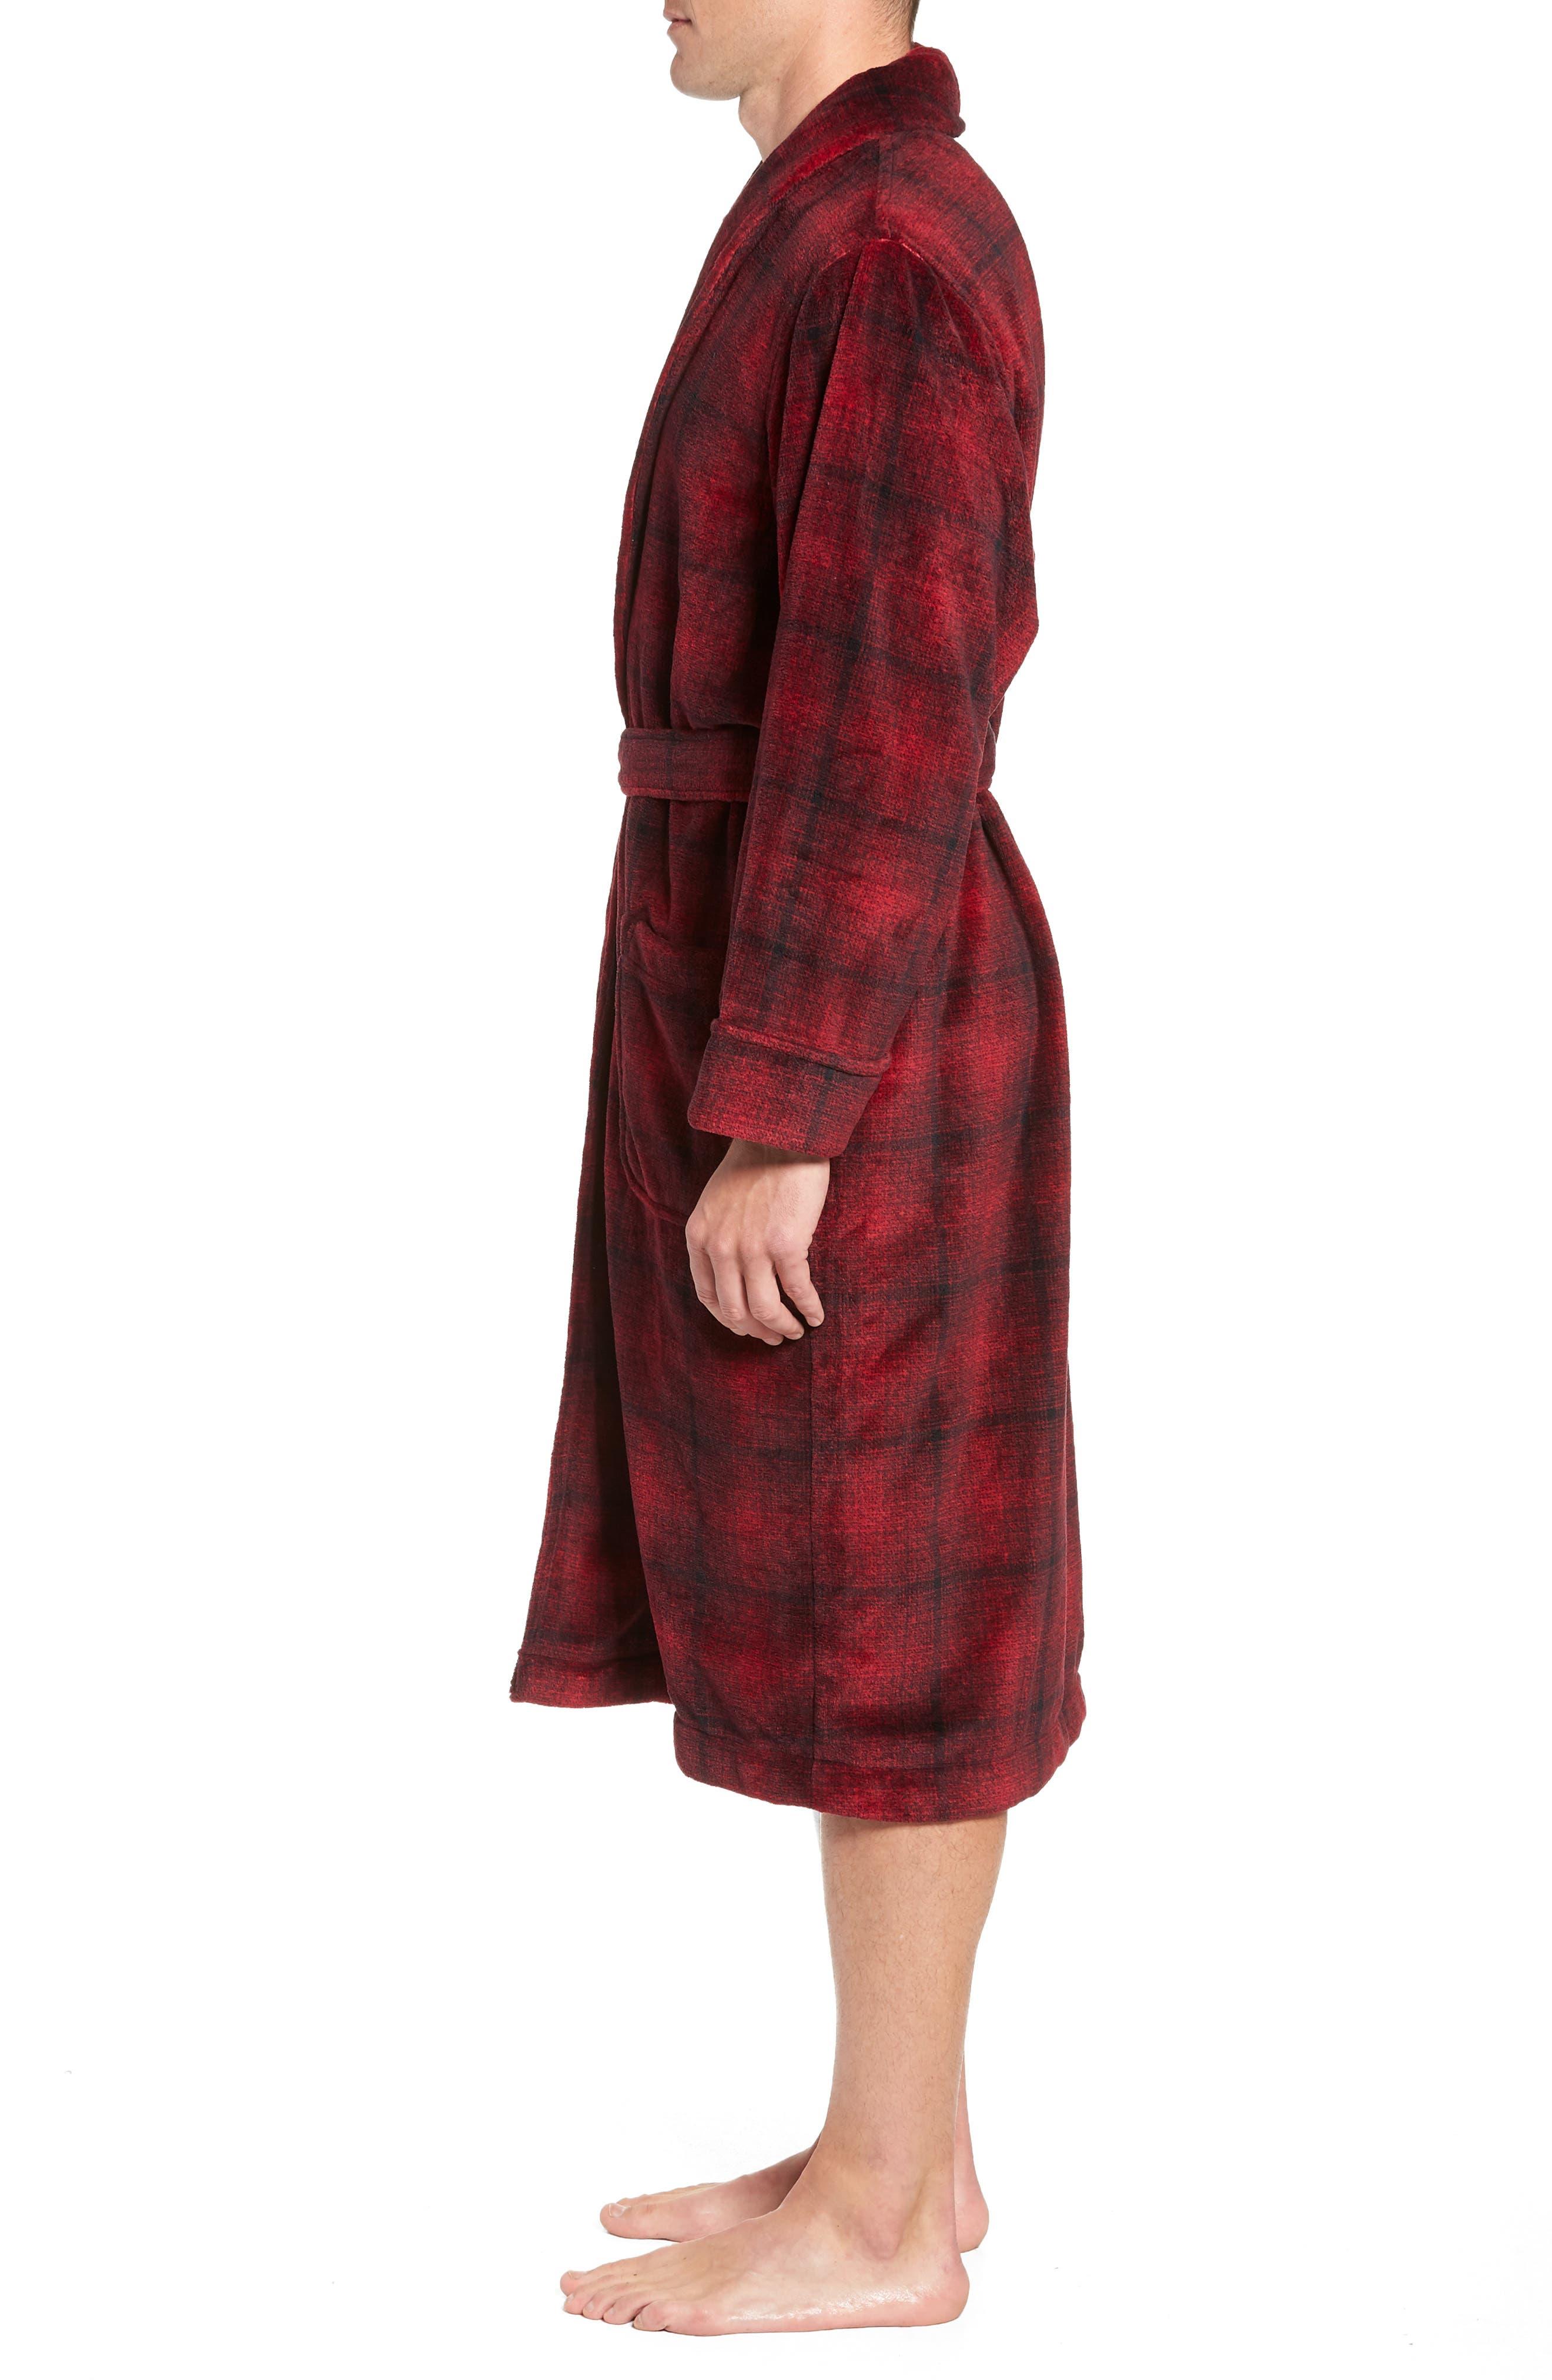 Ombré Plaid Fleece Robe,                             Alternate thumbnail 3, color,                             RED JESTER- BLACK OMBRE PLAID